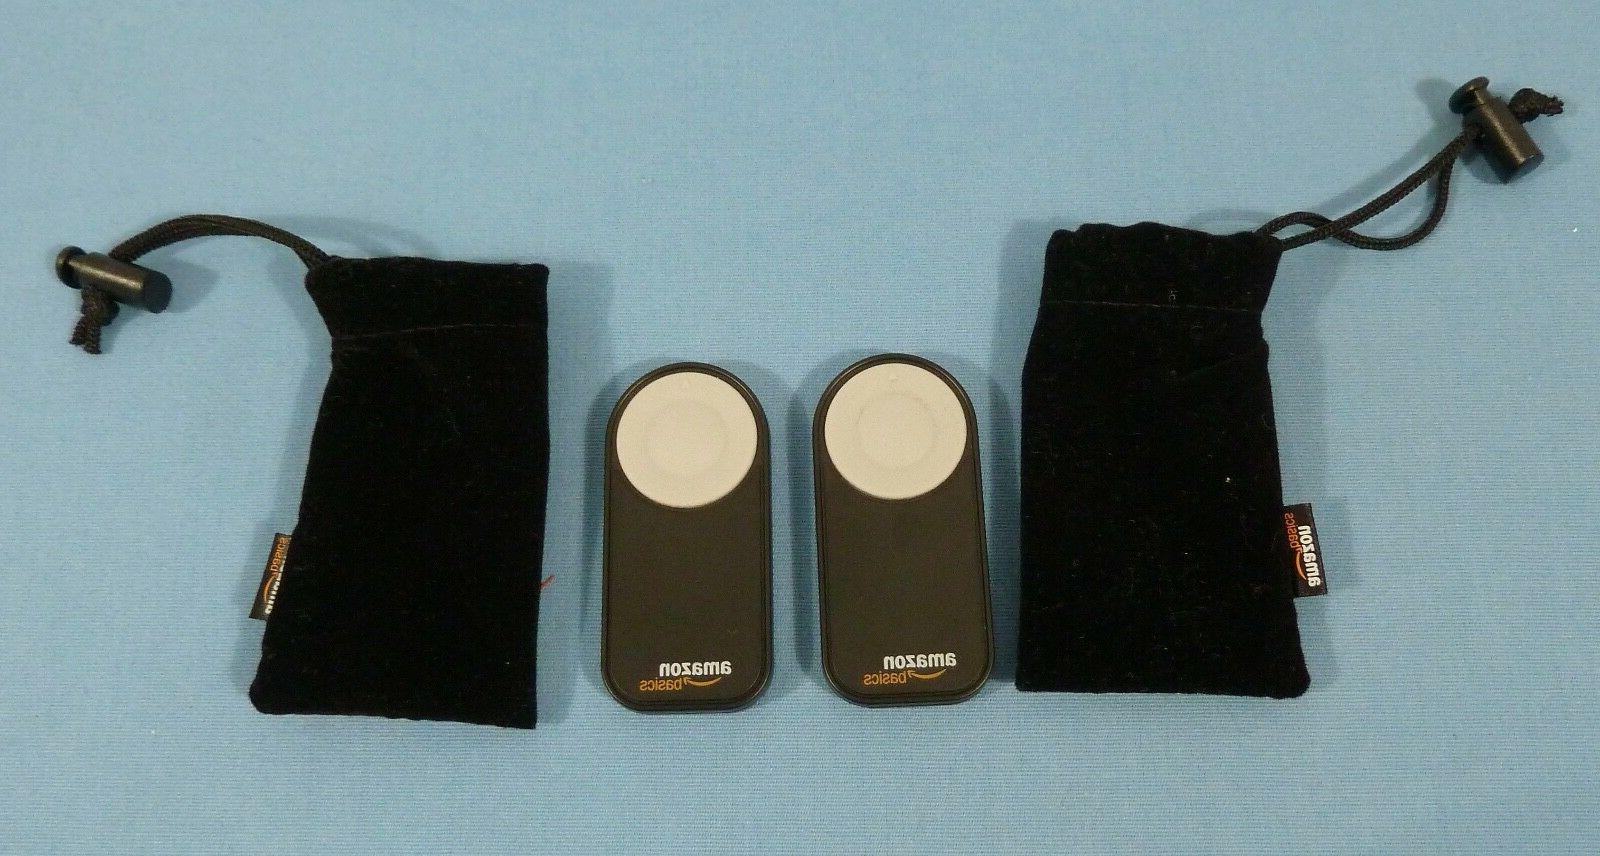 two amazonbasics wireless remote control for canon